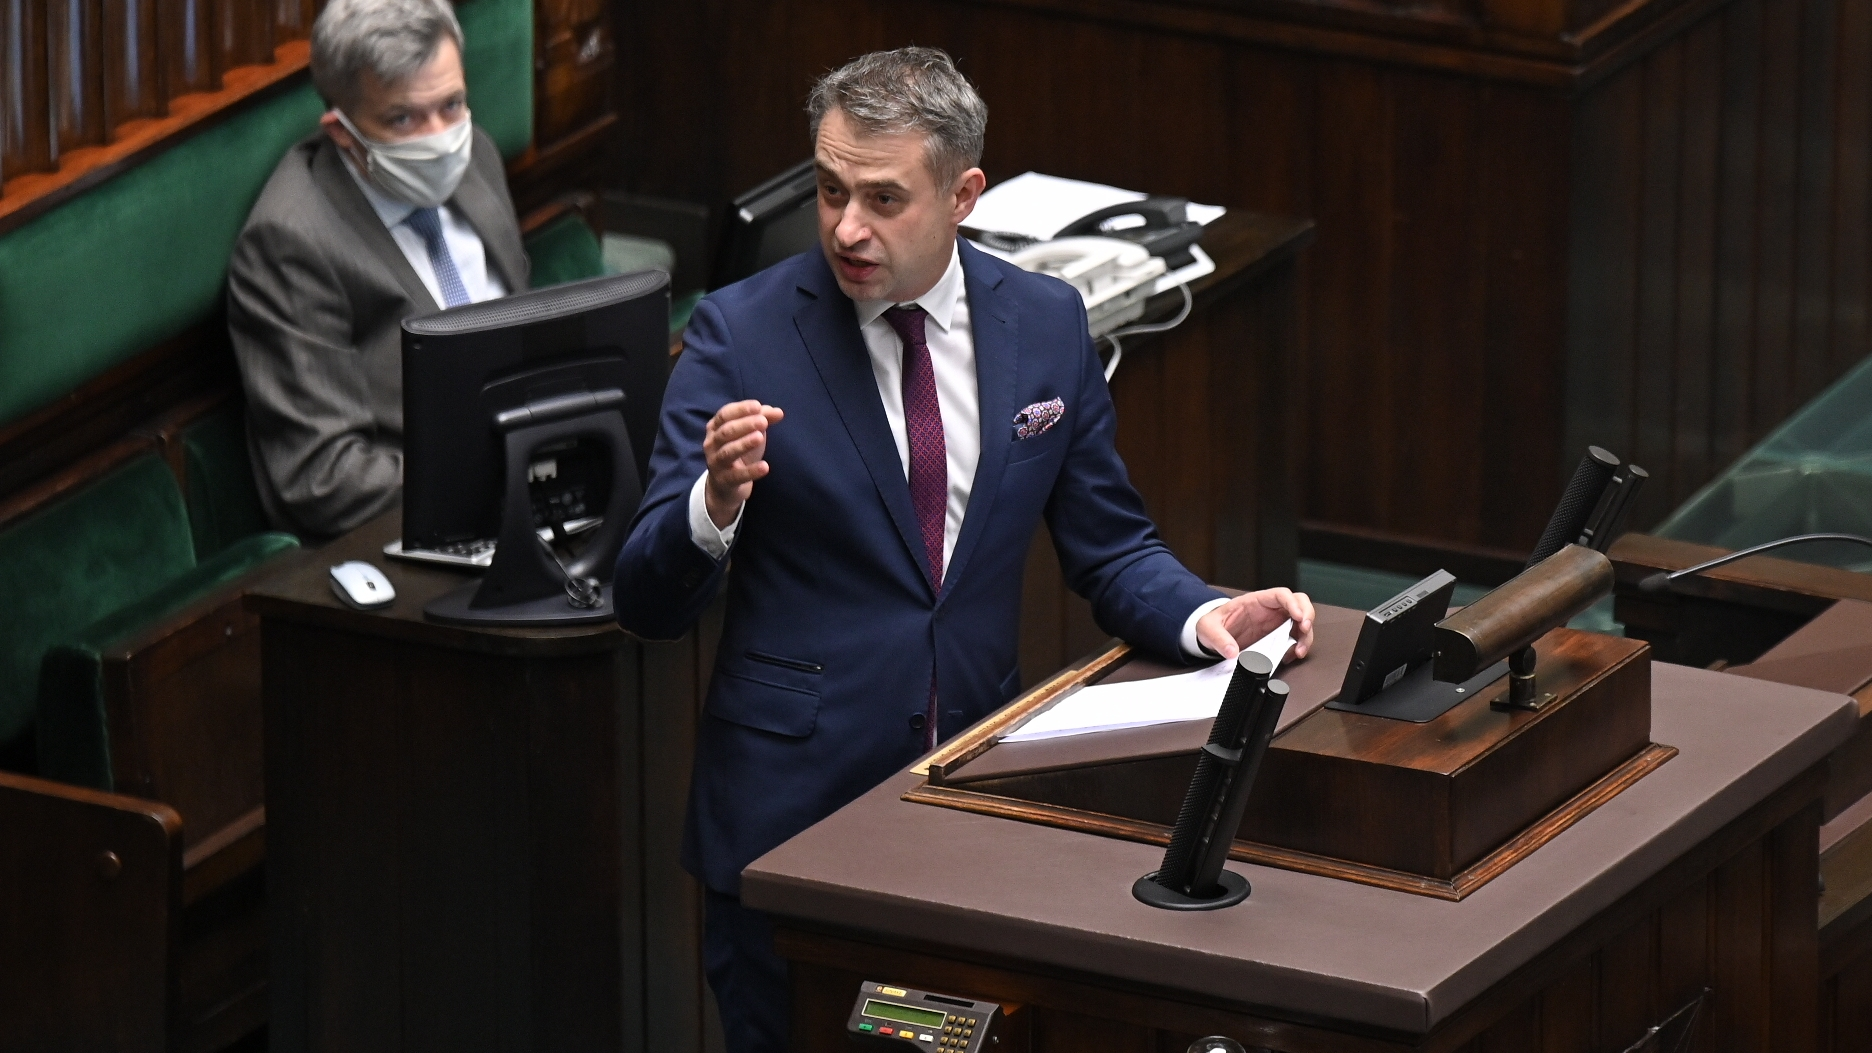 Gawkowski proponuje: Może kary za Turów powinni płacić europosłowie PiS z własnej kasy?